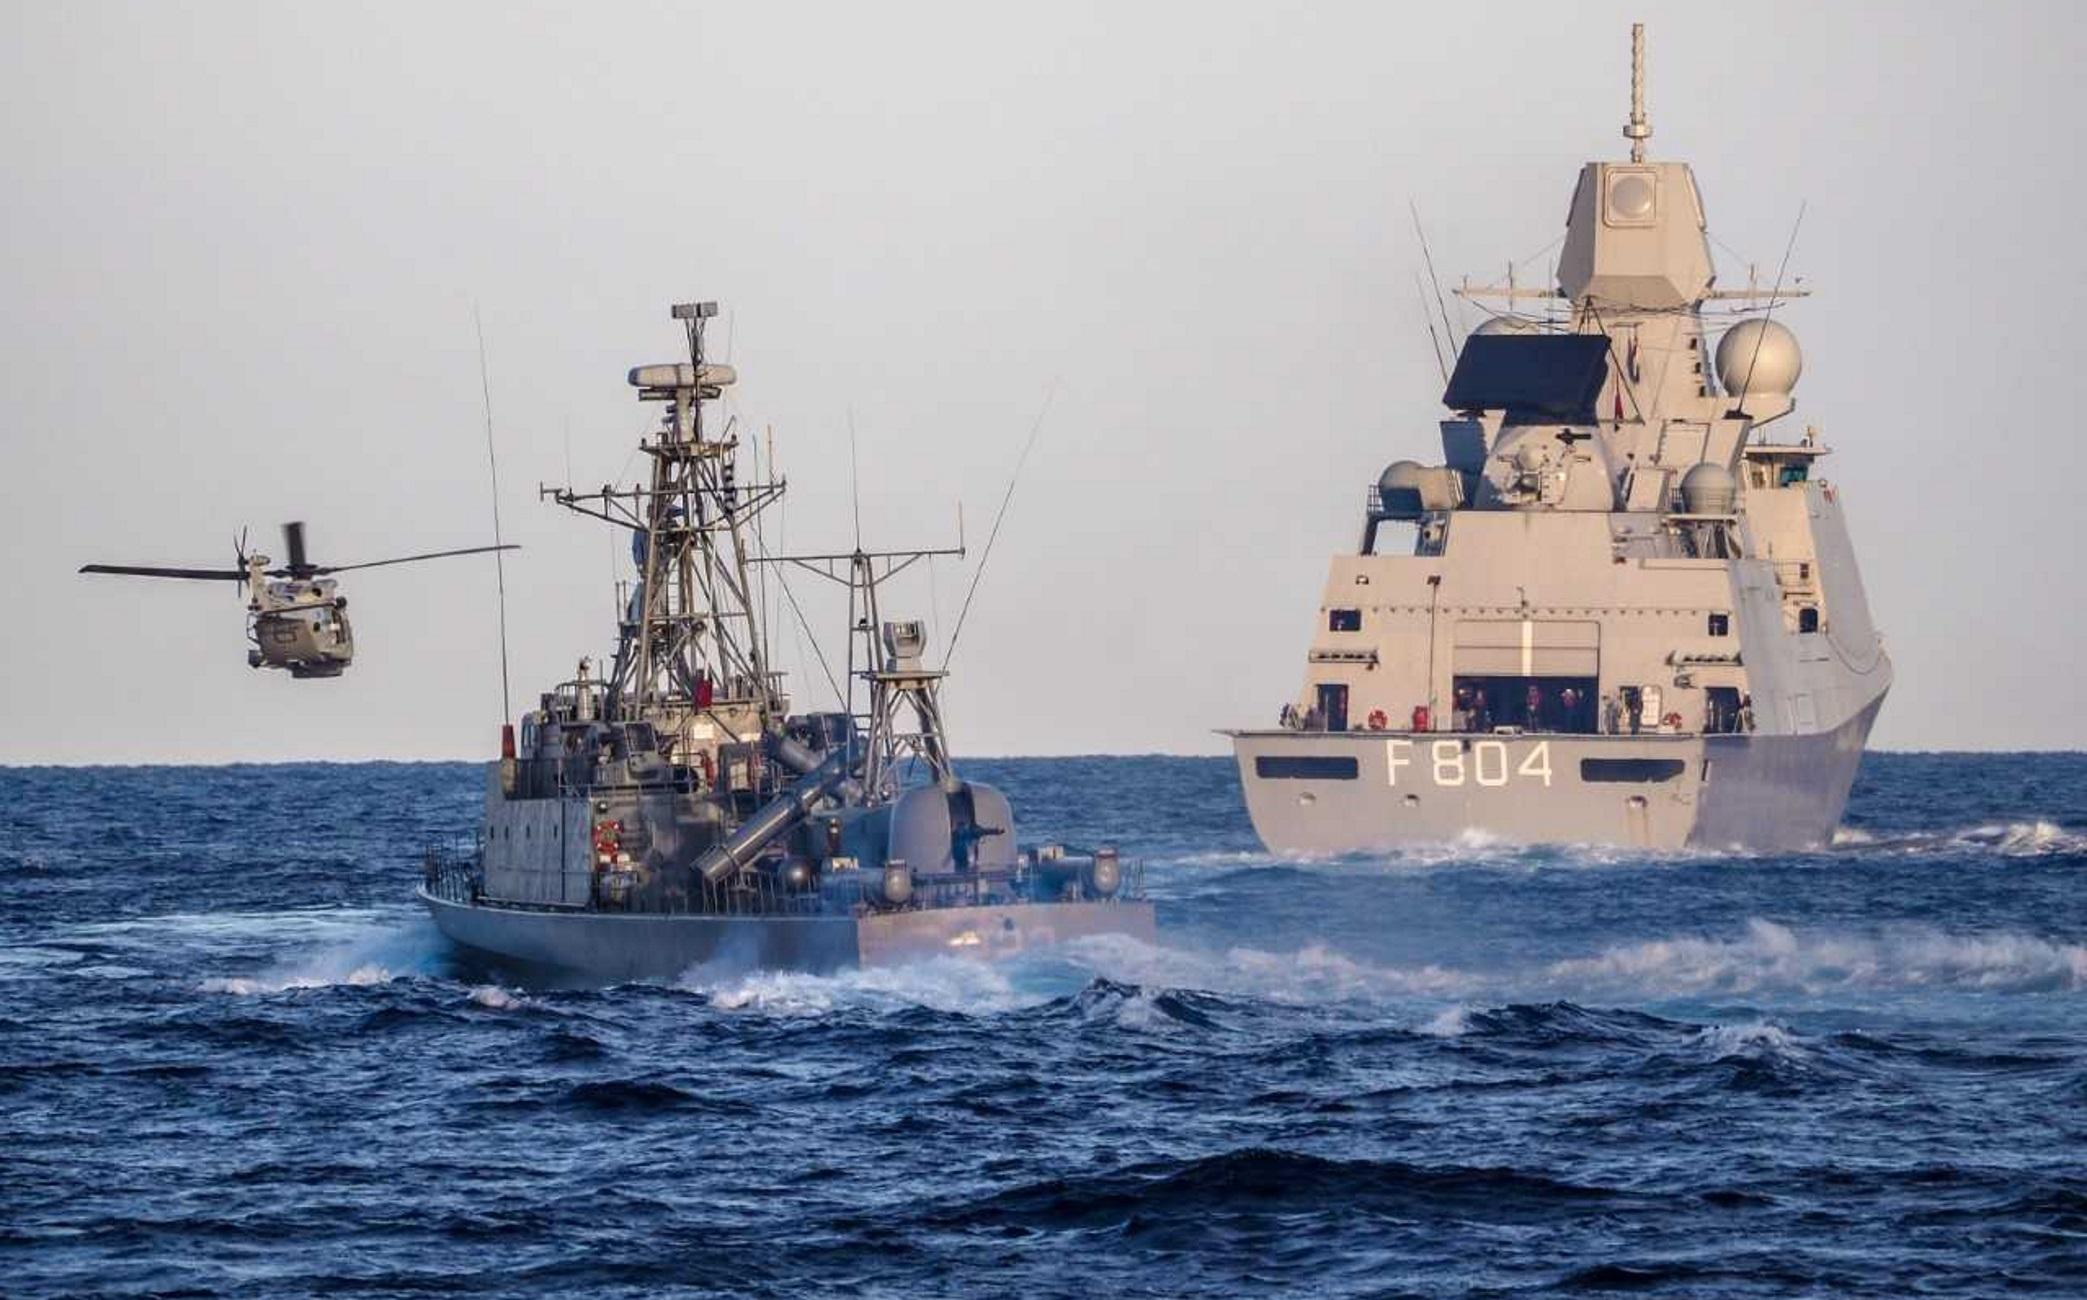 Τραμπούκοι της Μεσογείου! Πέντε νέες NAVTEX της Τουρκίας από τη Λήμνο έως την Κύπρο!